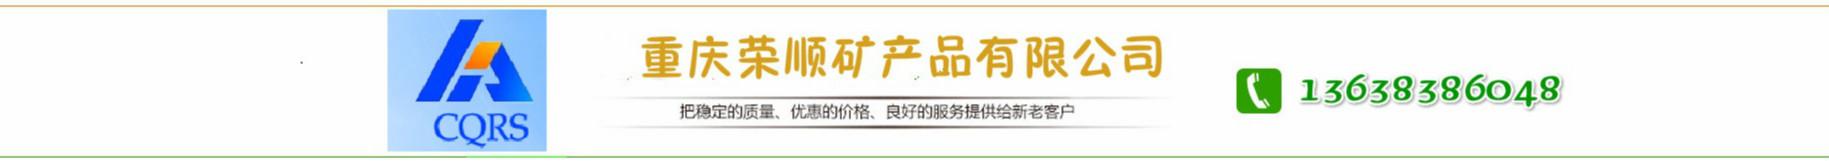 重庆荣顺矿产品有限公司